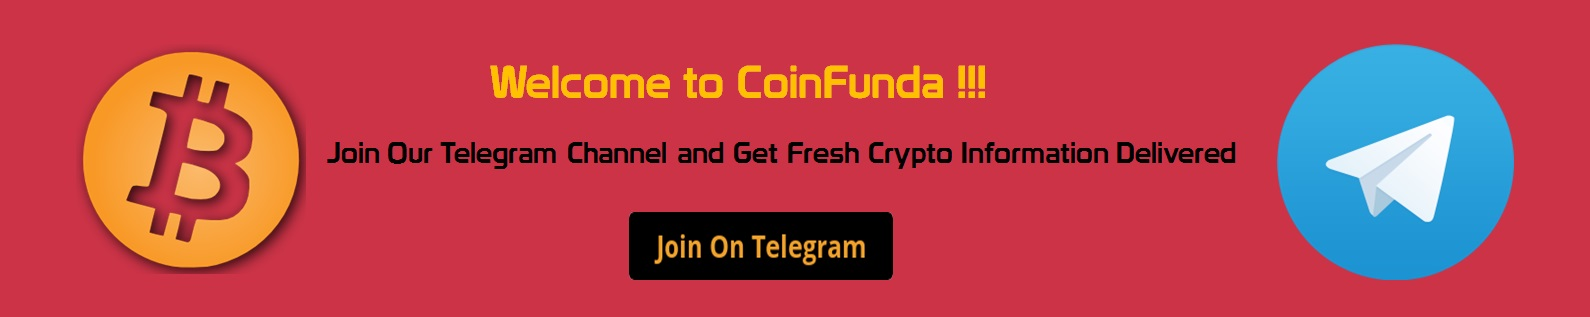 Join Coinfunda Telegram